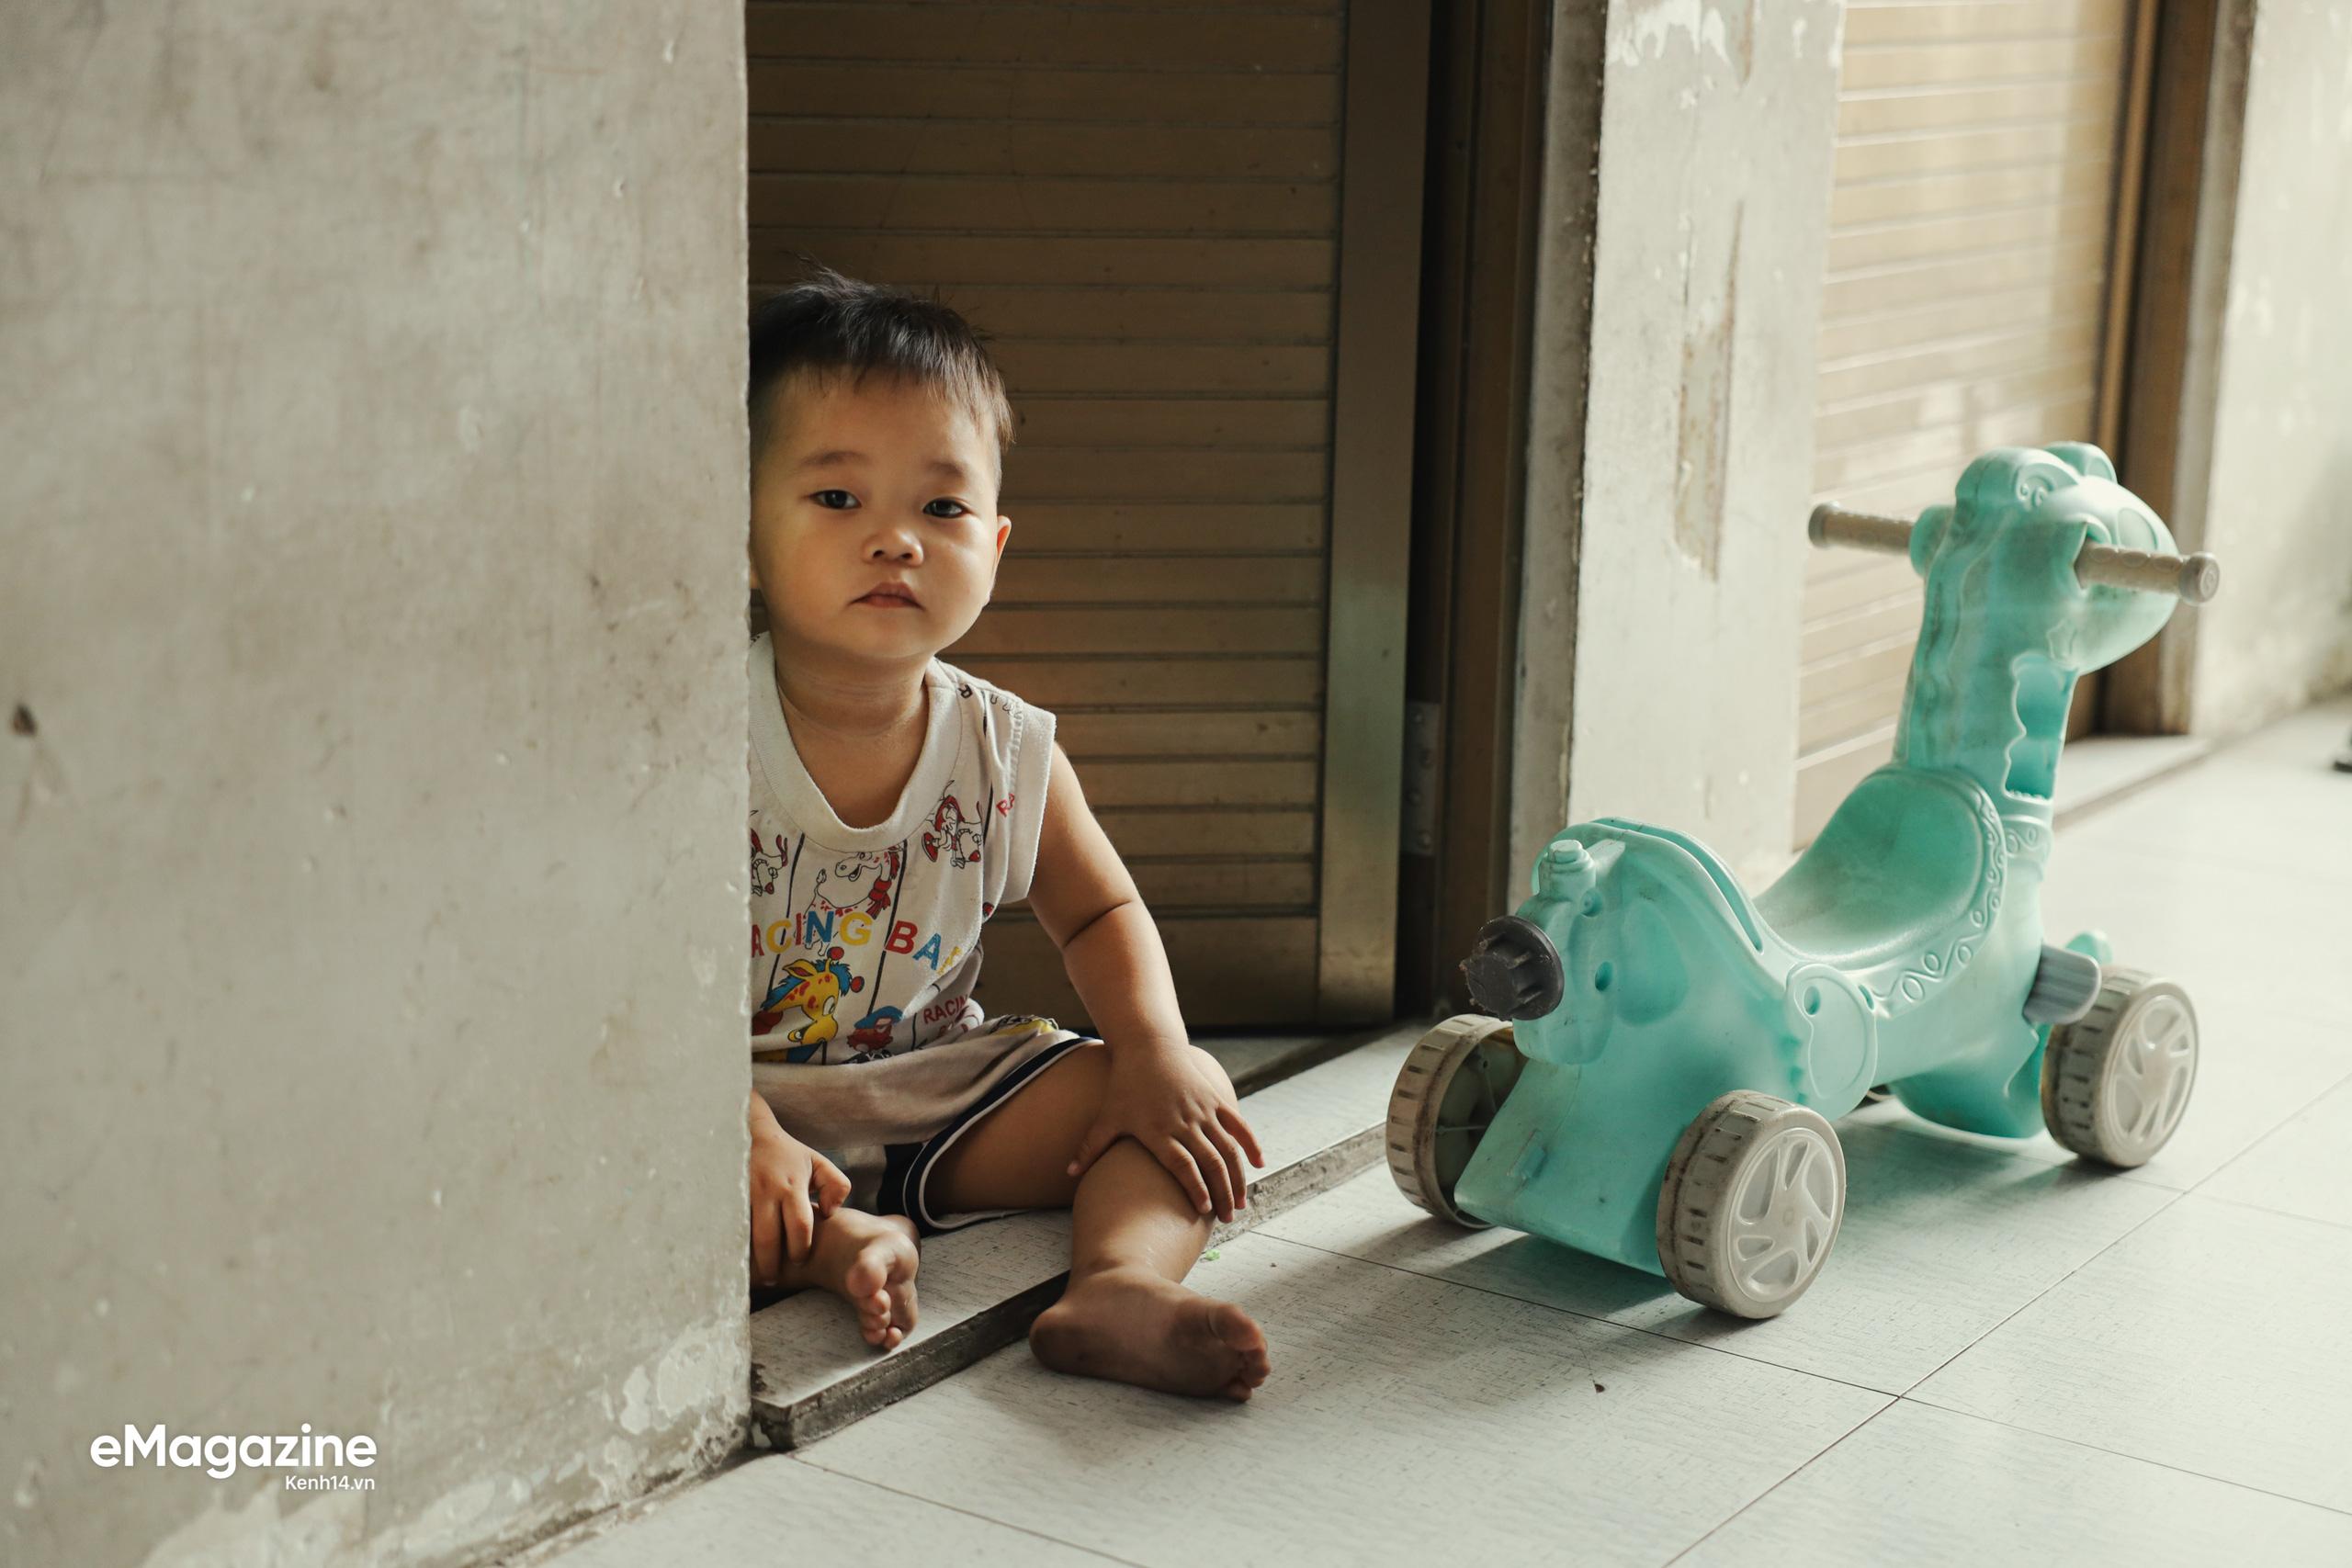 Chuyện những người công nhân ở lại Sài Gòn ăn Tết: Rồi ai cũng có Tết, chỉ cần cả gia đình ở bên nhau... - Ảnh 4.